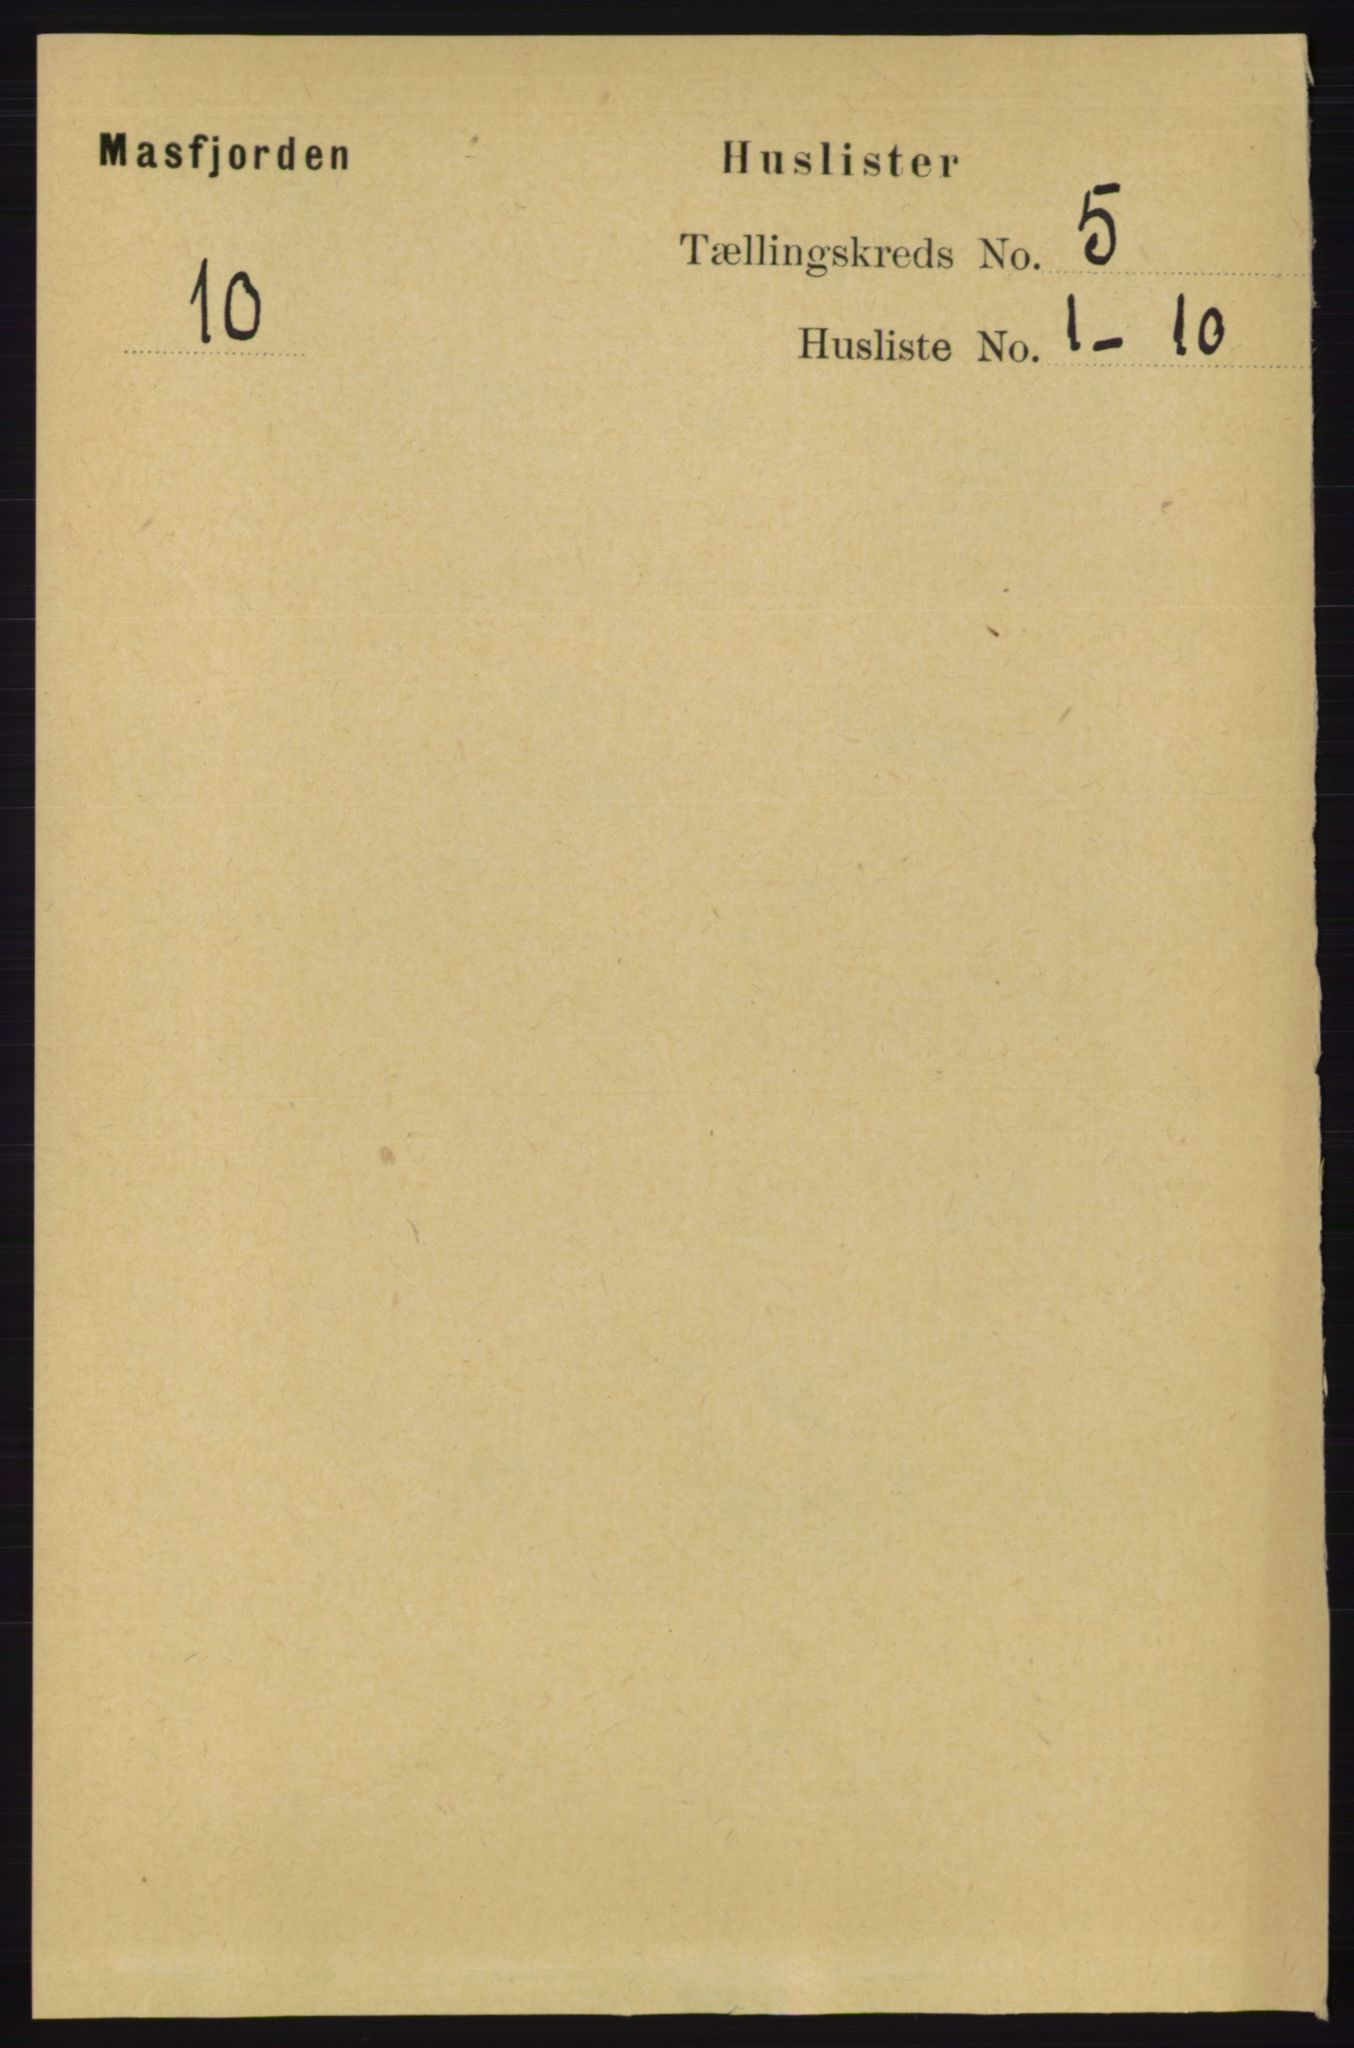 RA, Folketelling 1891 for 1266 Masfjorden herred, 1891, s. 842